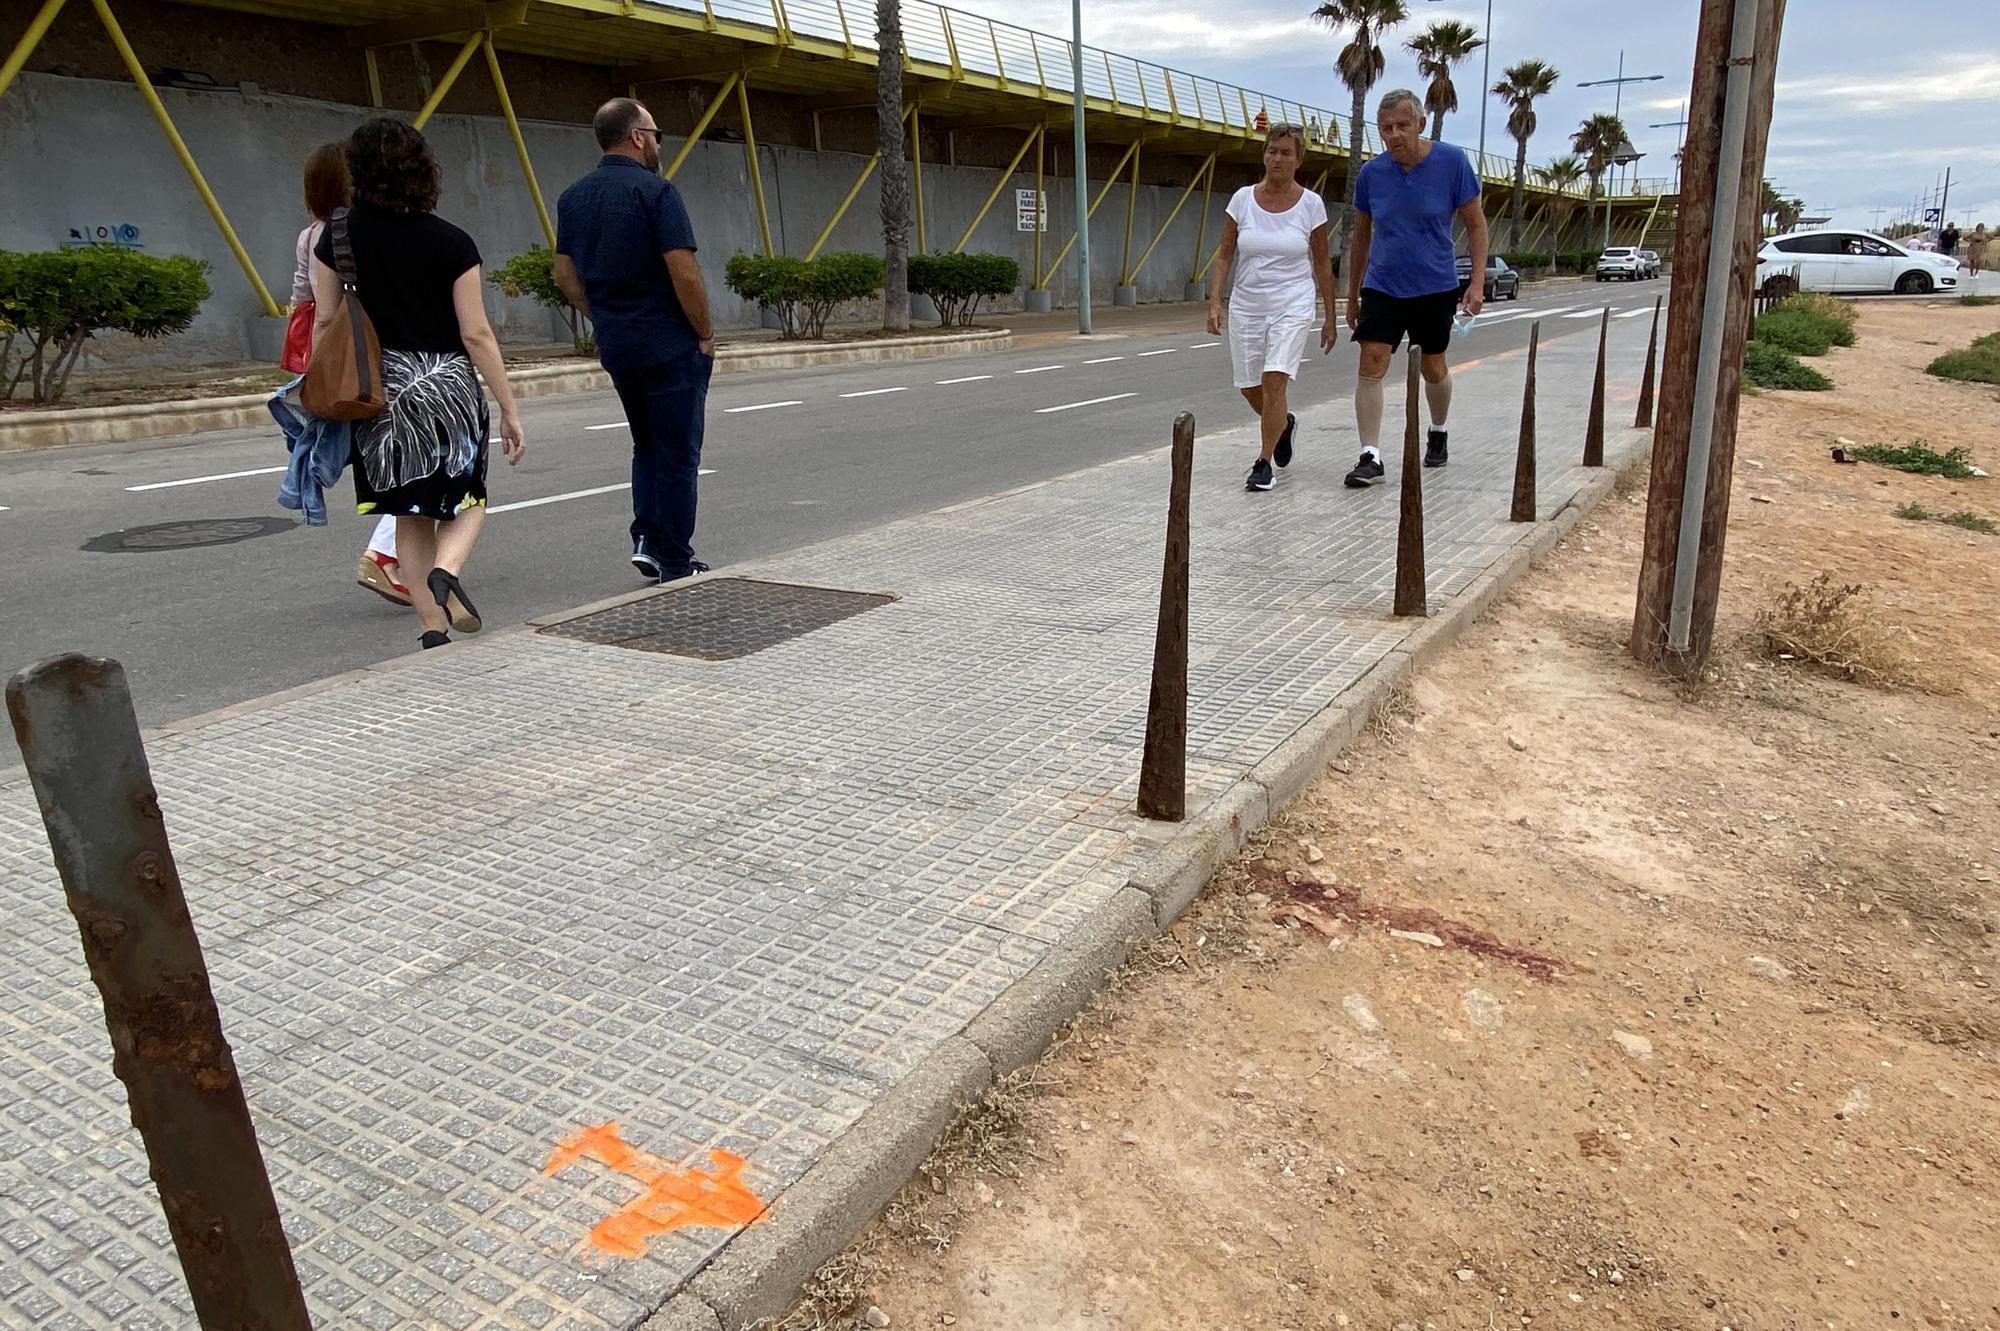 Un conductor ebrio atropella a media docena de personas de madrugada en una zona de ocio de Torrevieja